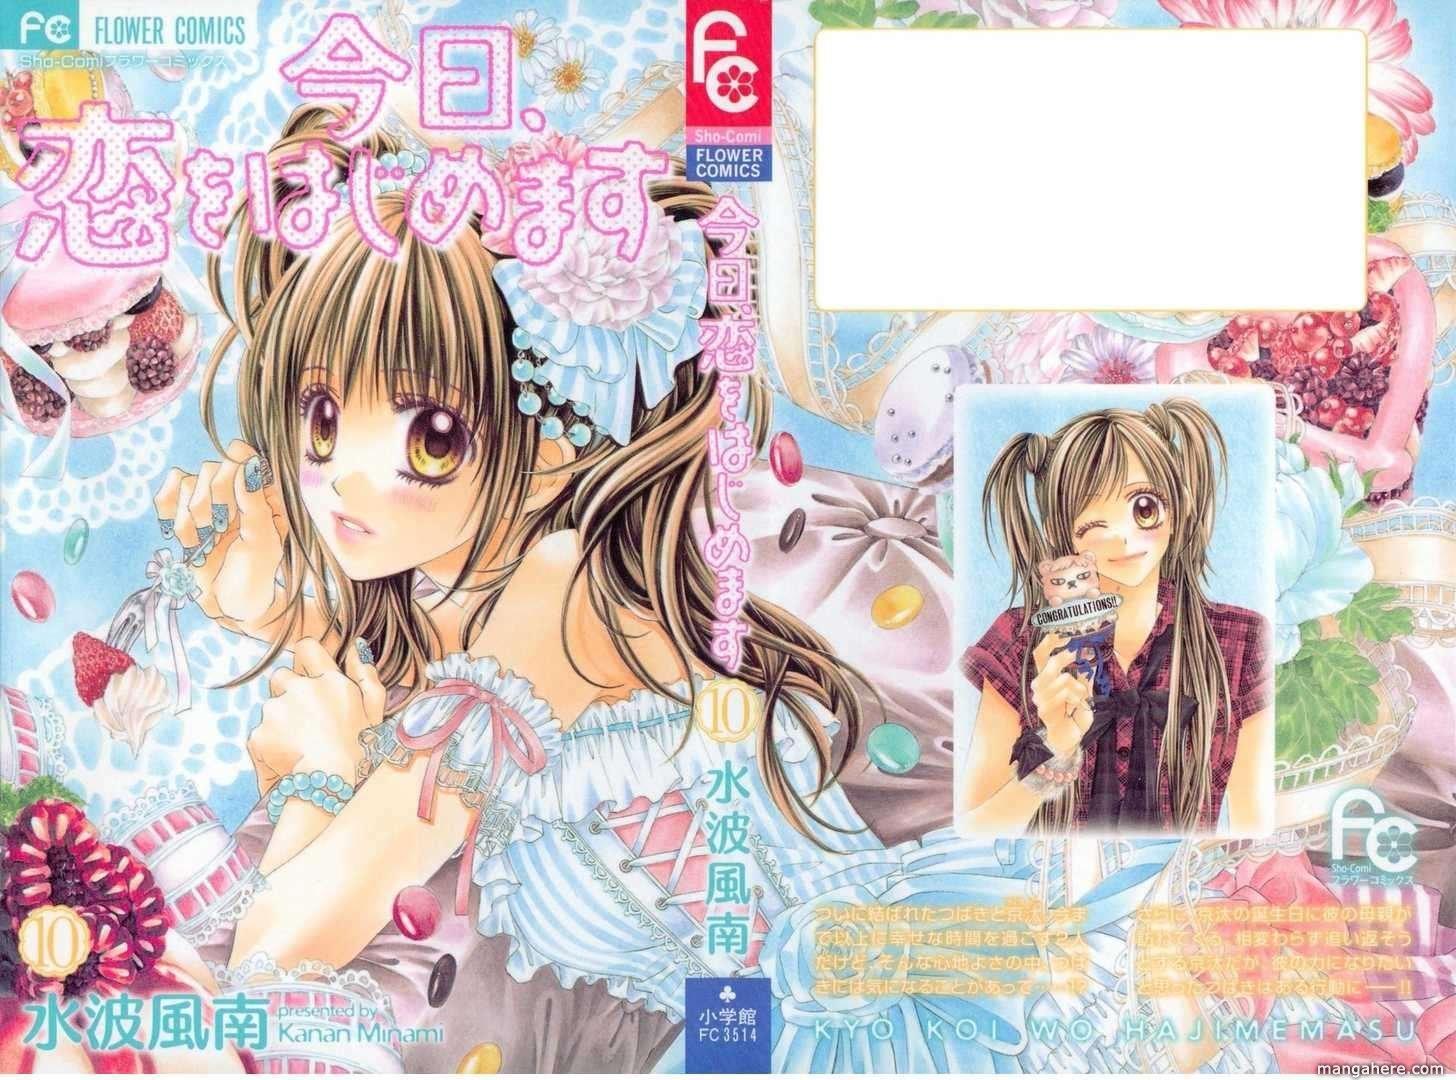 Kyou, Koi wo Hajimemasu 59 Page 2